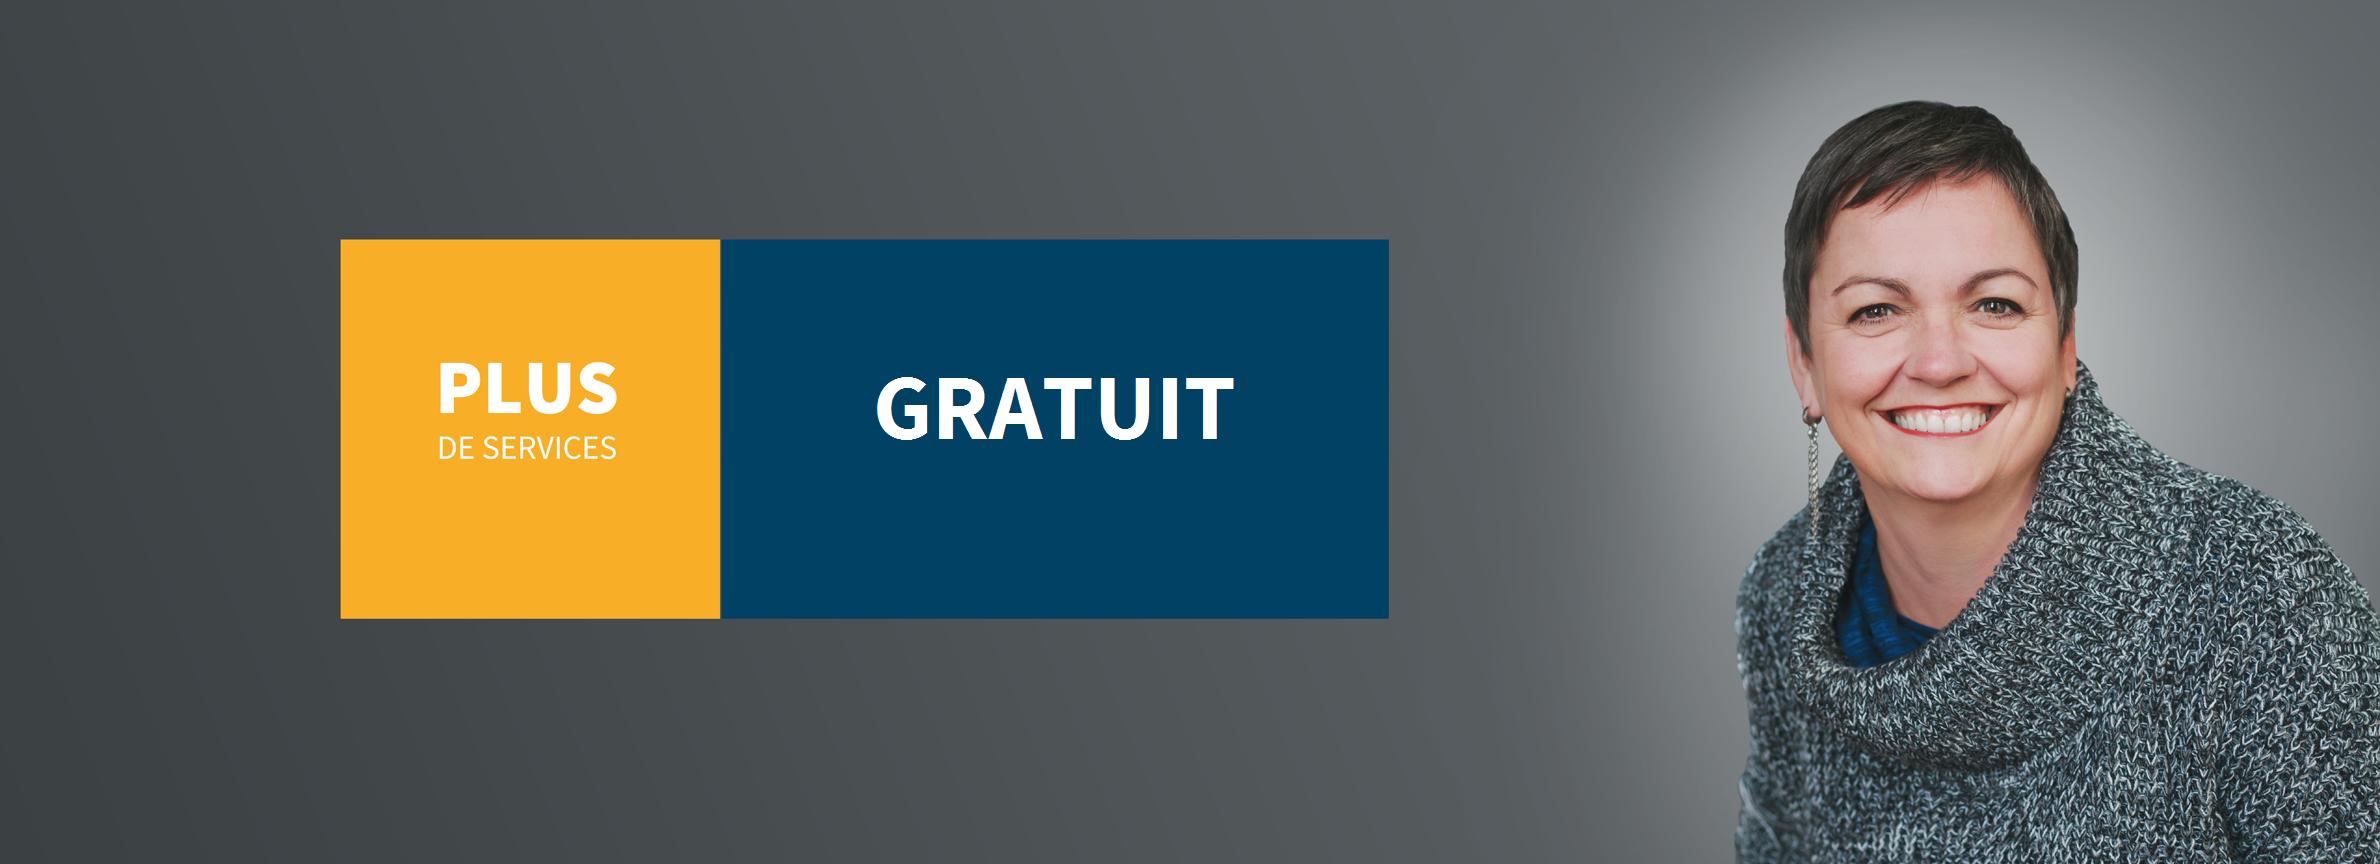 Bande_Plus_De_Service_Gratuit